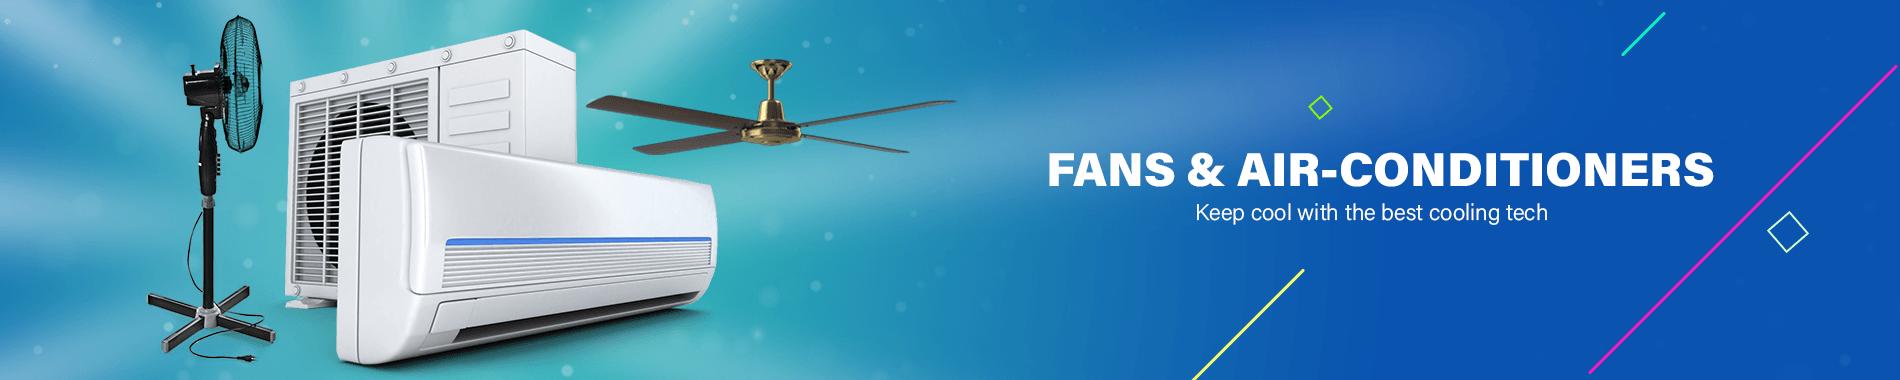 Ceiling Fan & Standing Fan